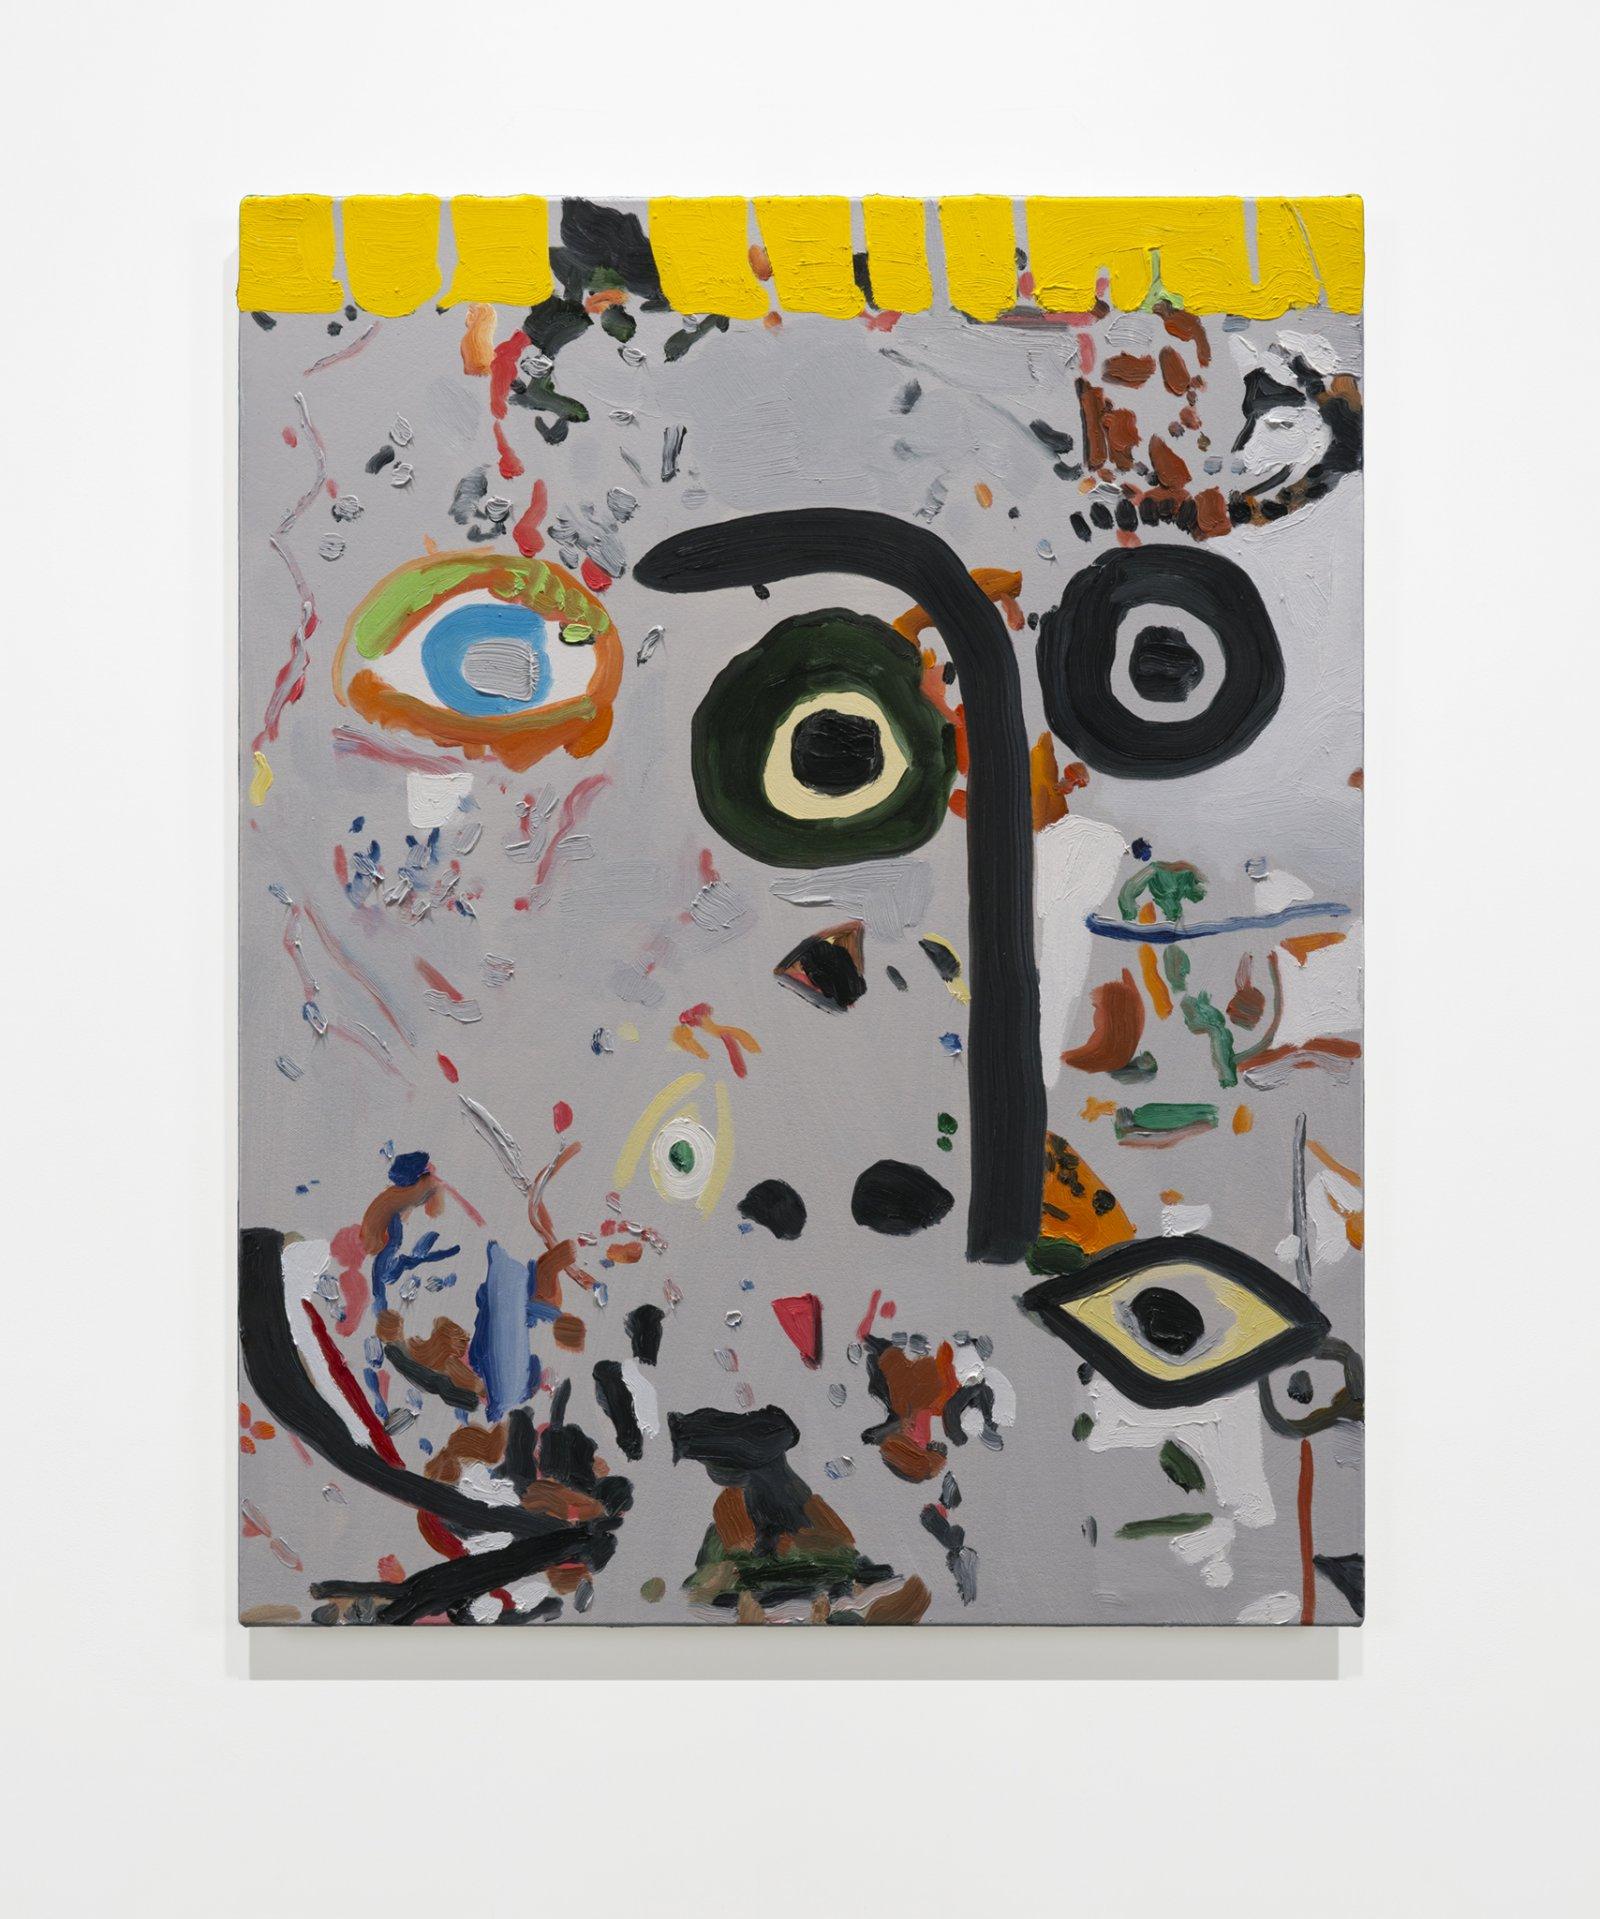 Elizabeth McIntosh, Eyes, 2019, oil on canvas, 28 x 22 in. (71 x 56 cm) by Elizabeth McIntosh